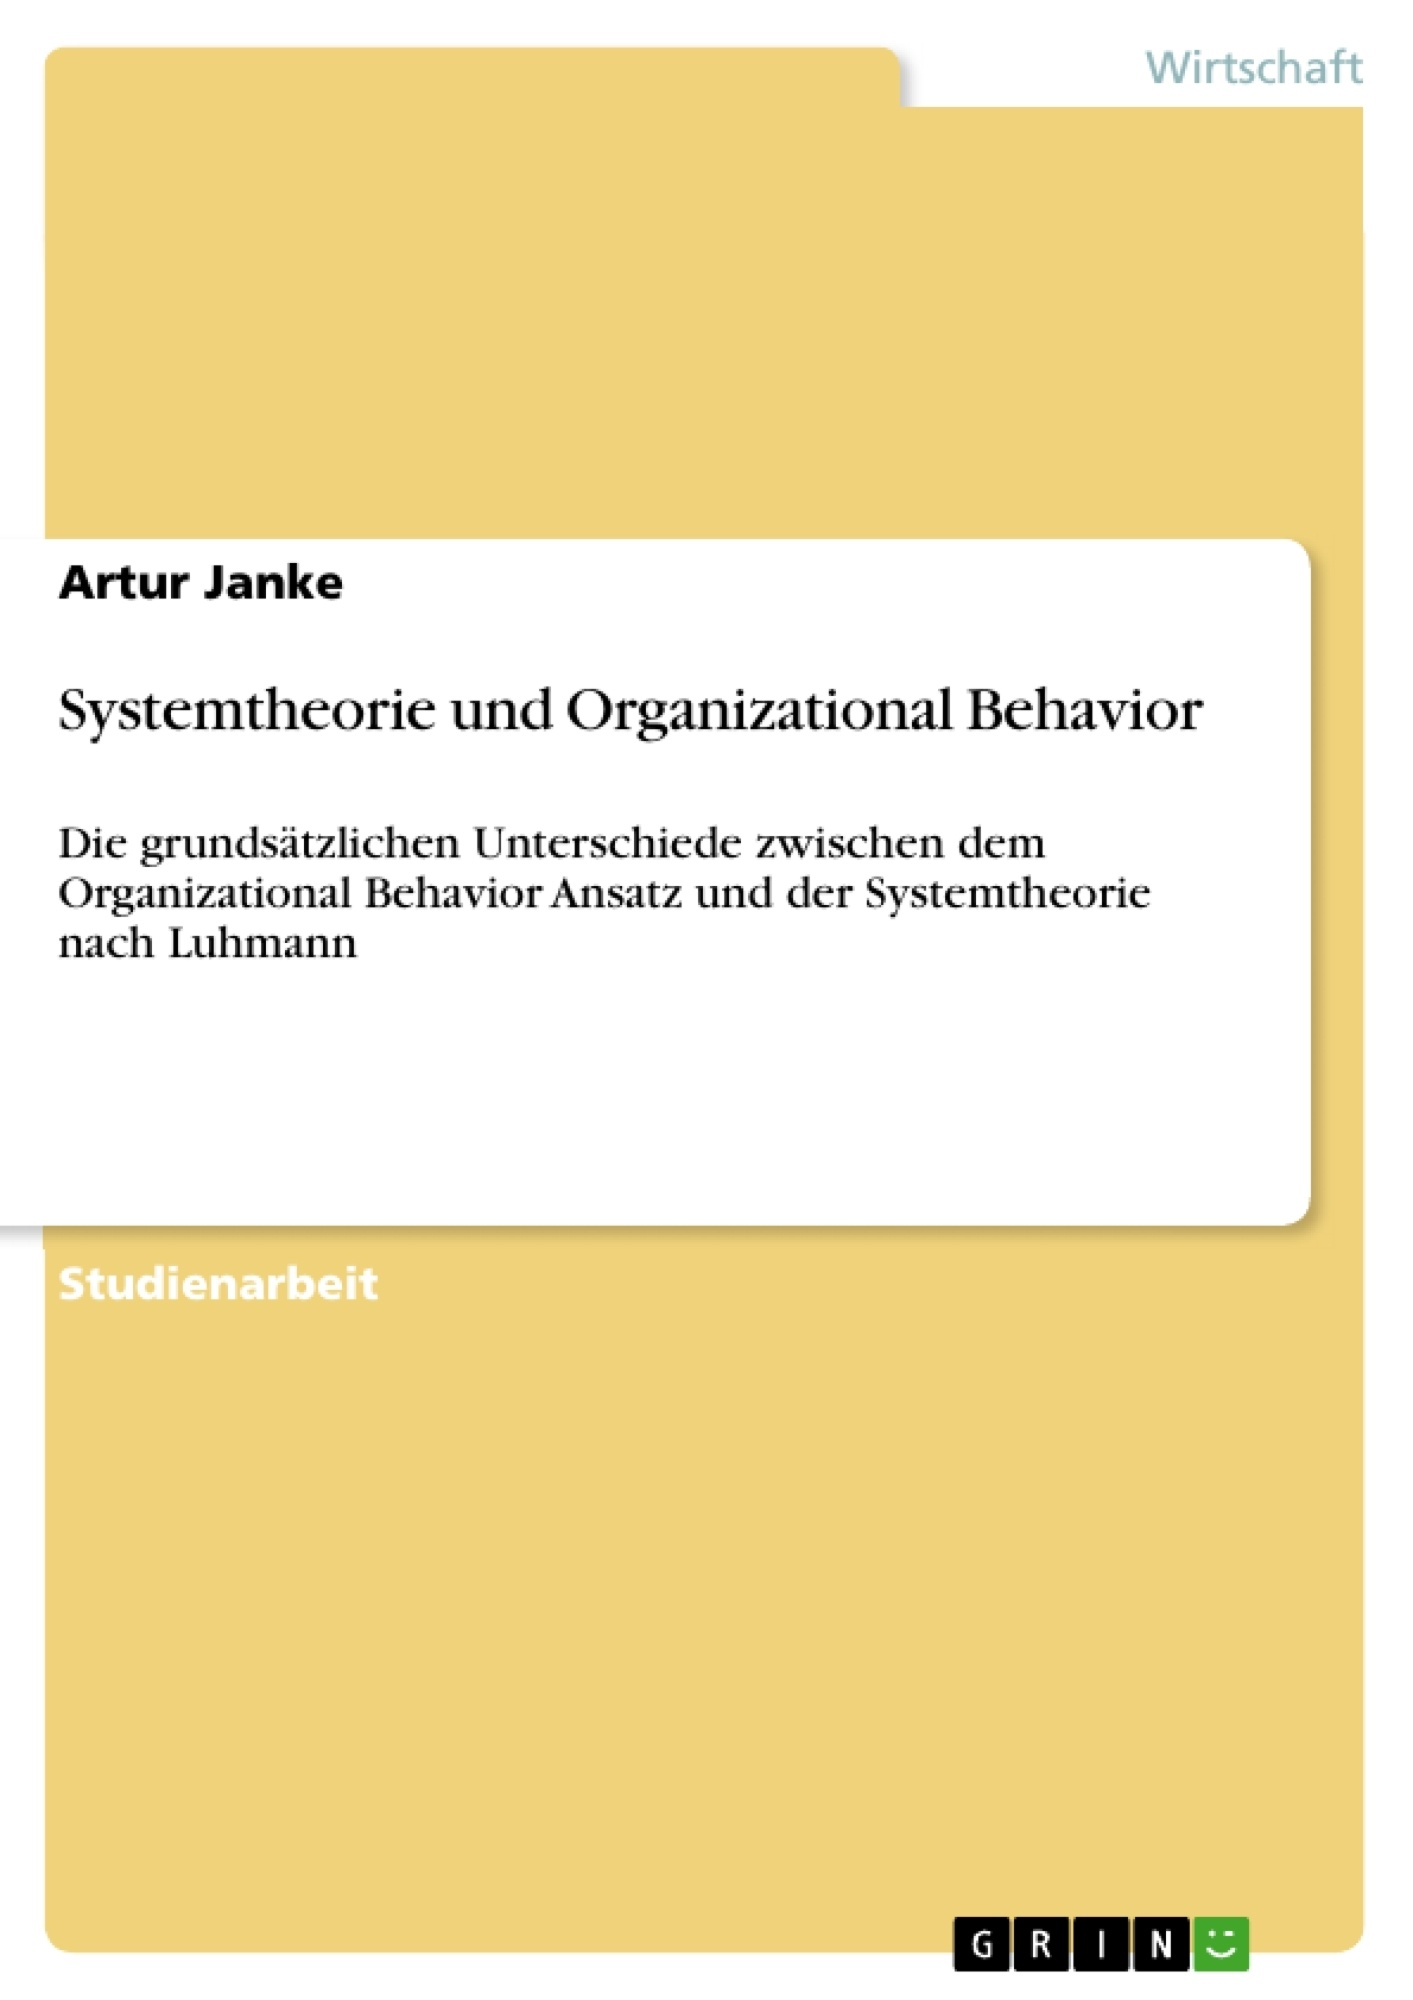 Titel: Systemtheorie und Organizational Behavior